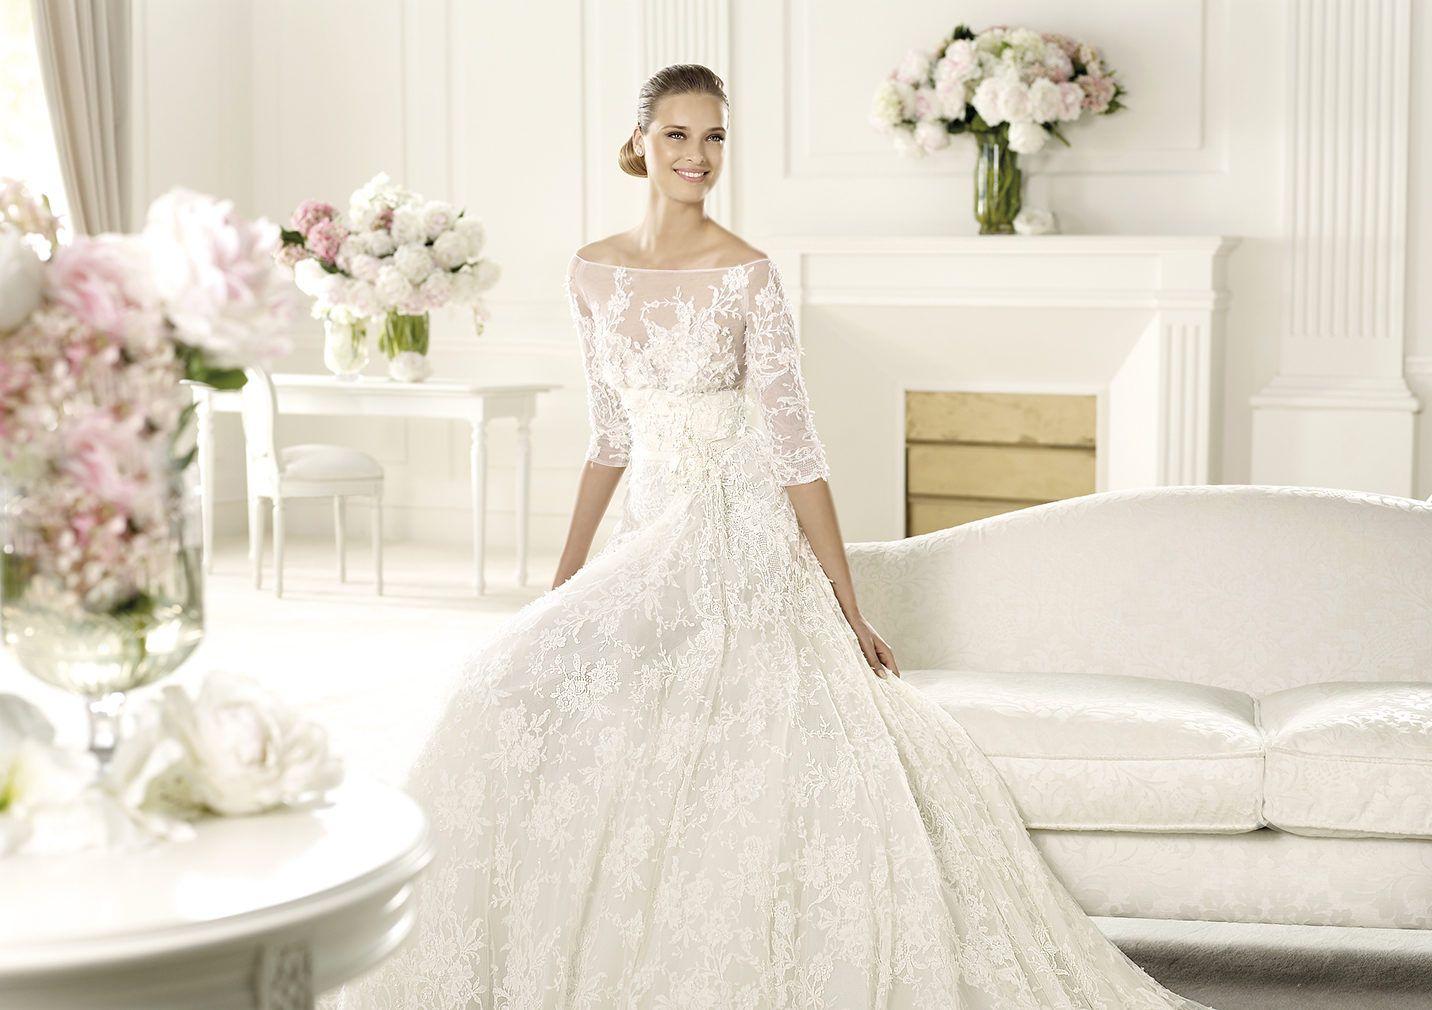 Folie wedding dress 2014 gorgeous gowns pinterest casamento folie wedding dress 2014 junglespirit Image collections